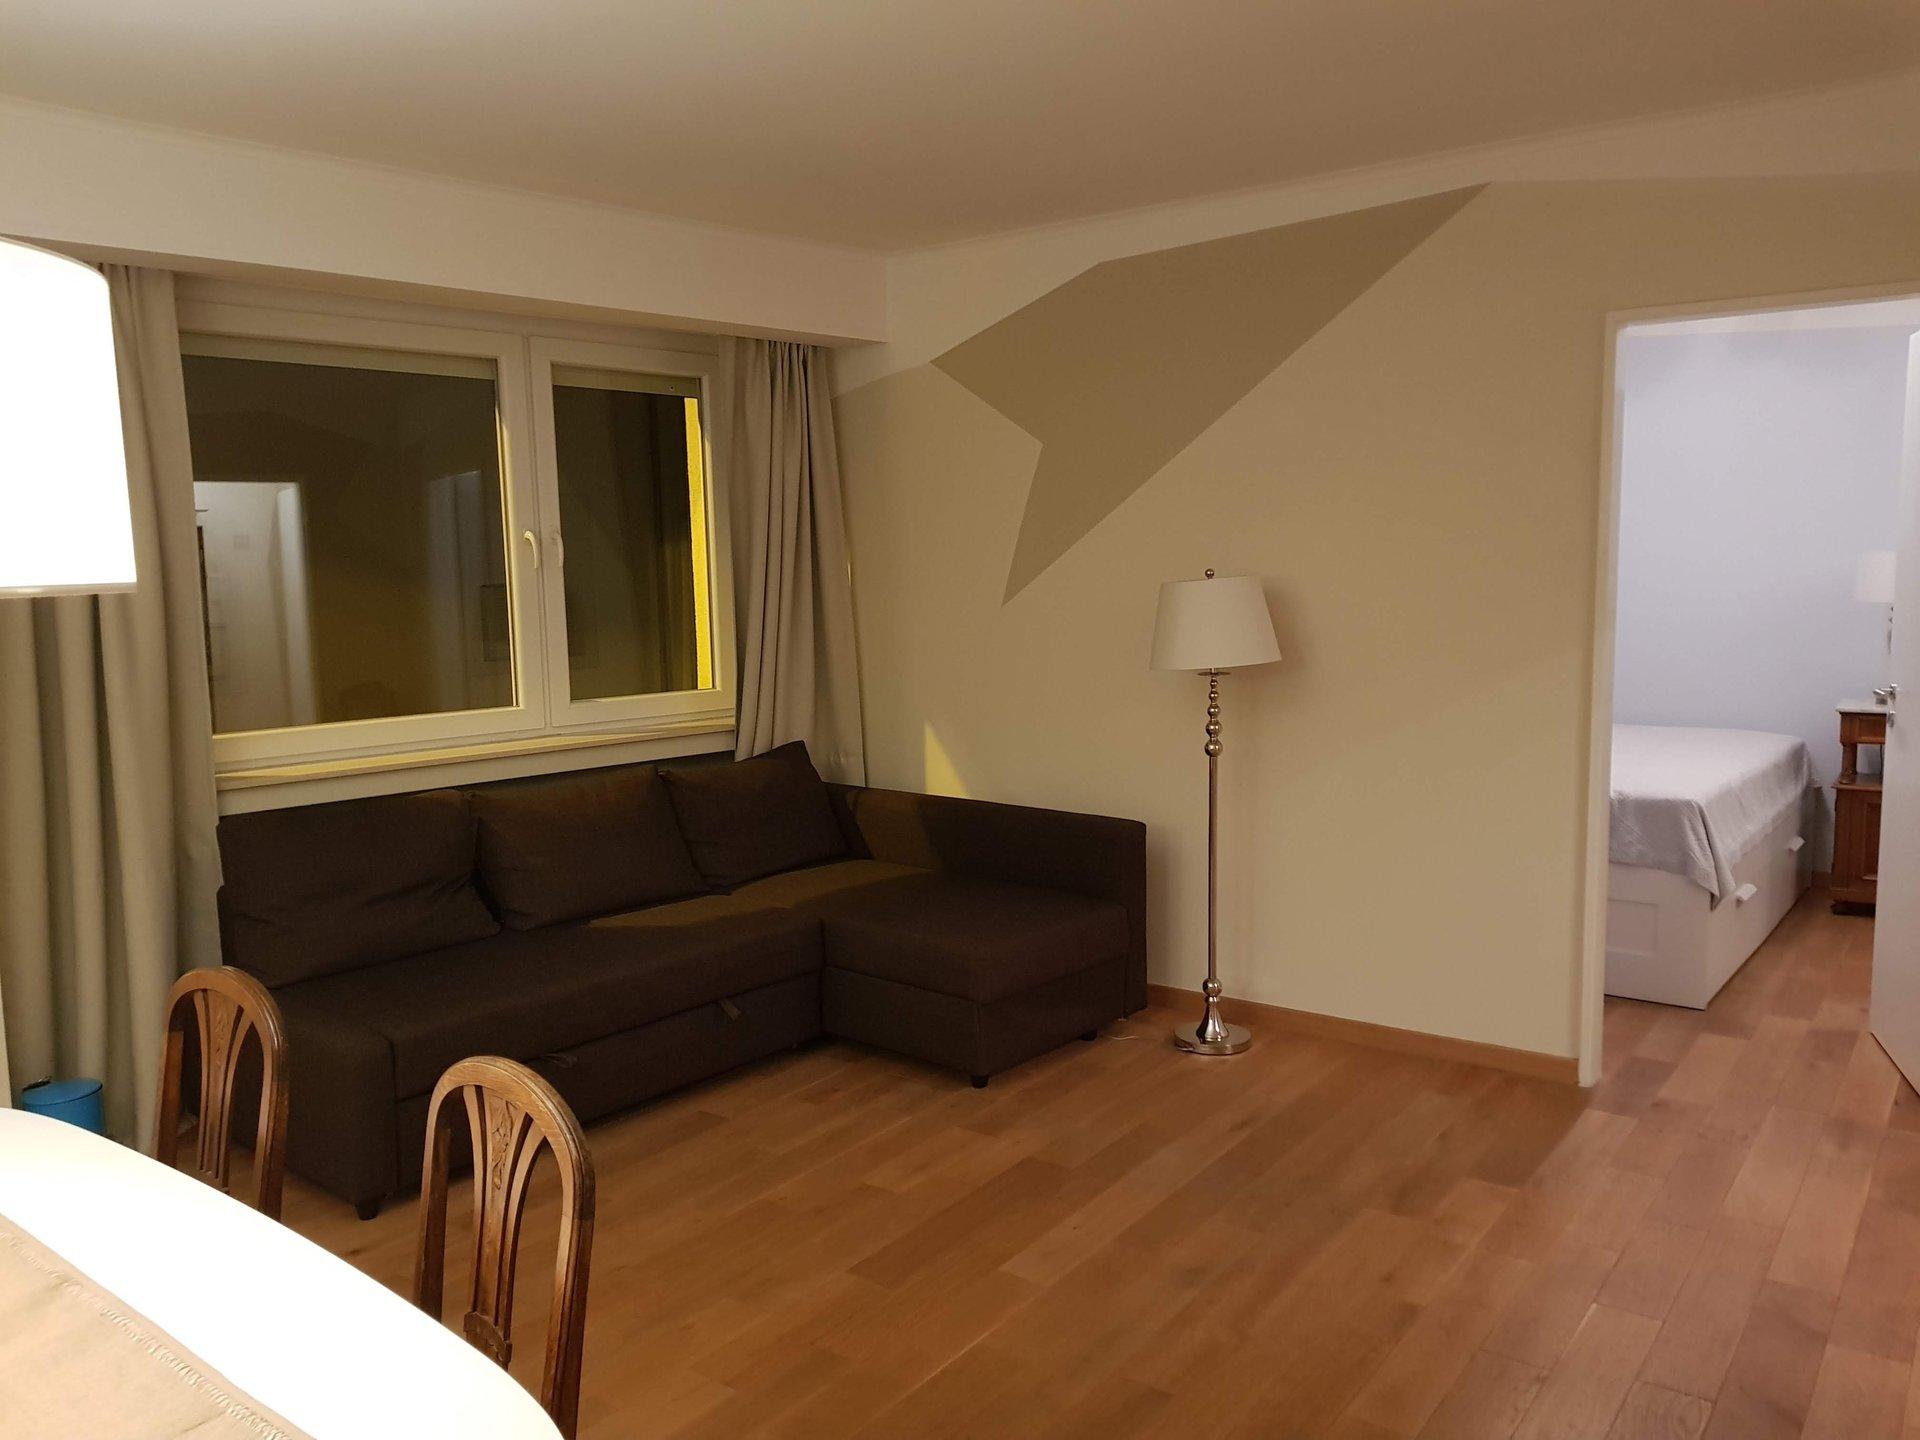 Vermietung Wohnung - Luxembourg Centre ville - Luxemburg